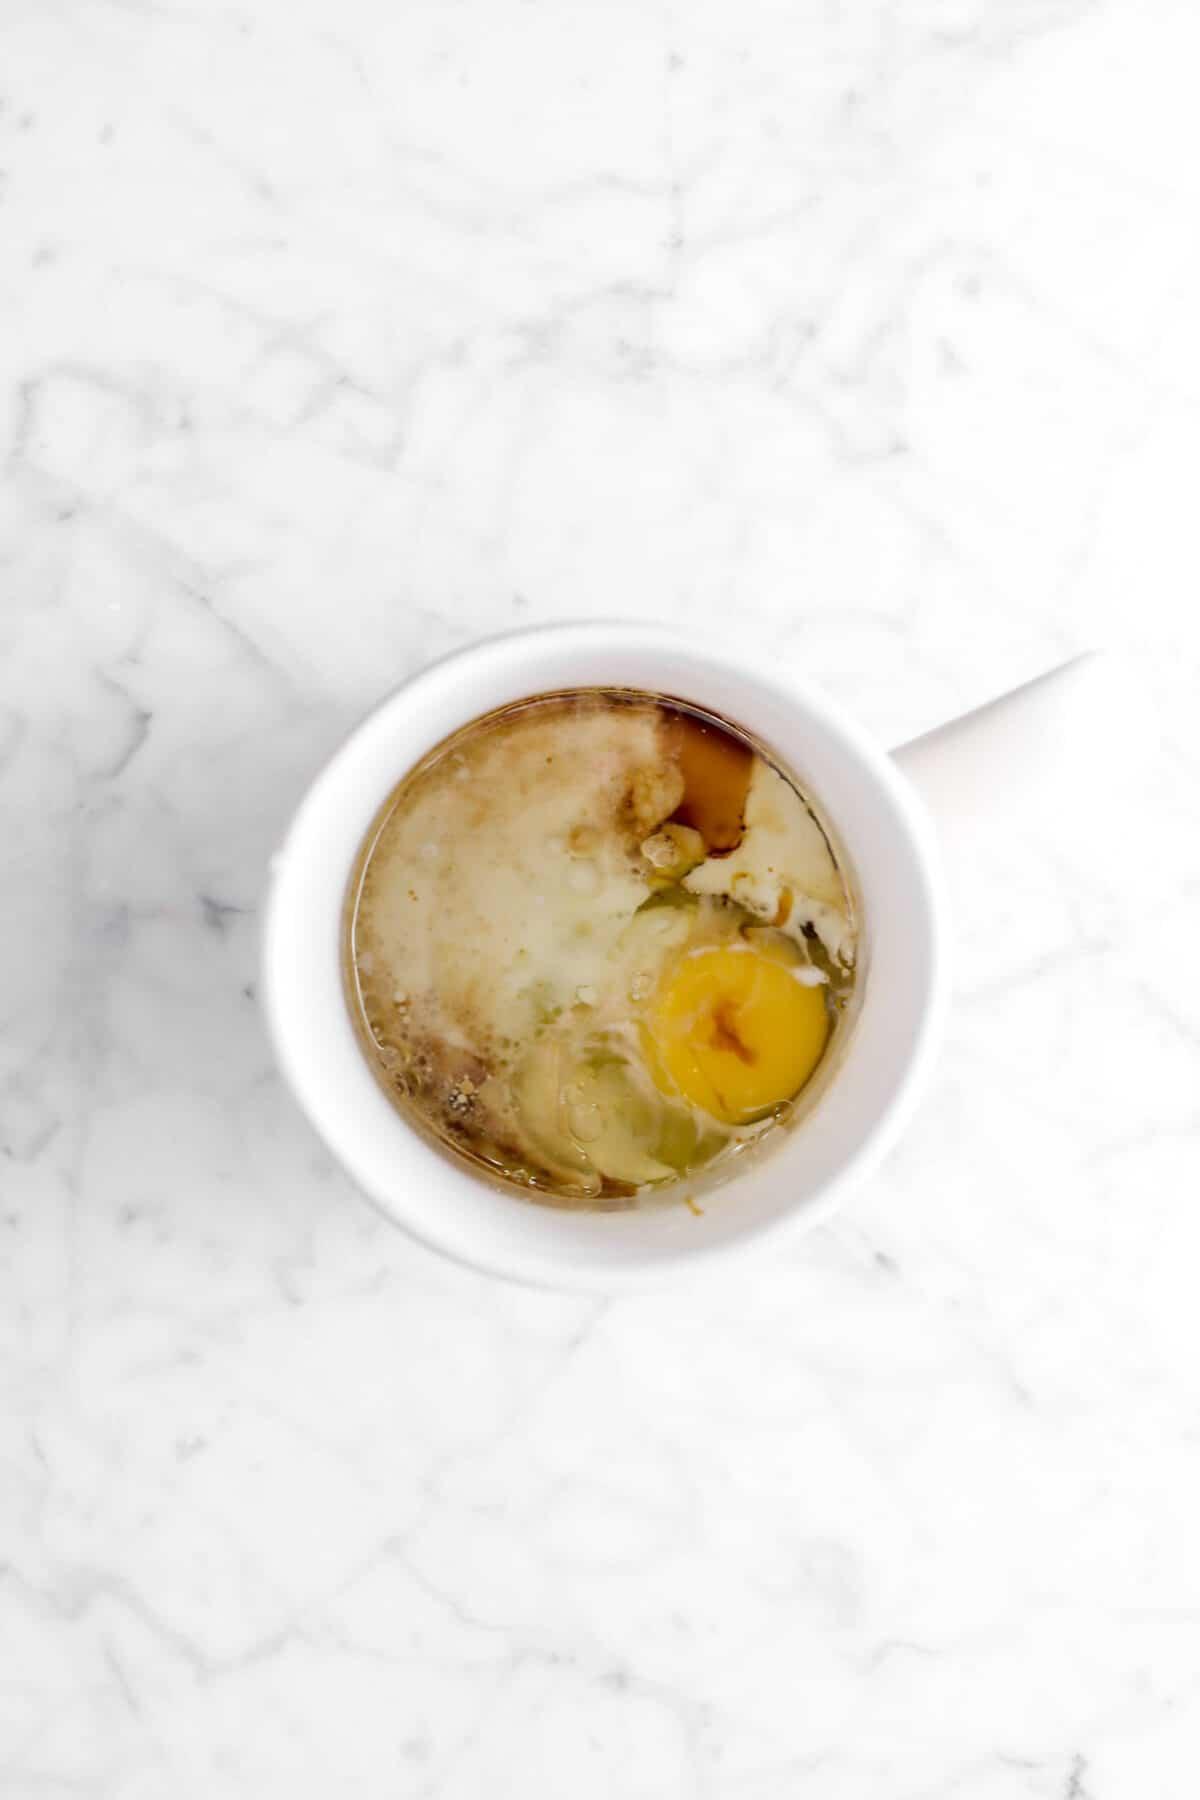 egg, milk, vegetable oil, and vanilla in white mug